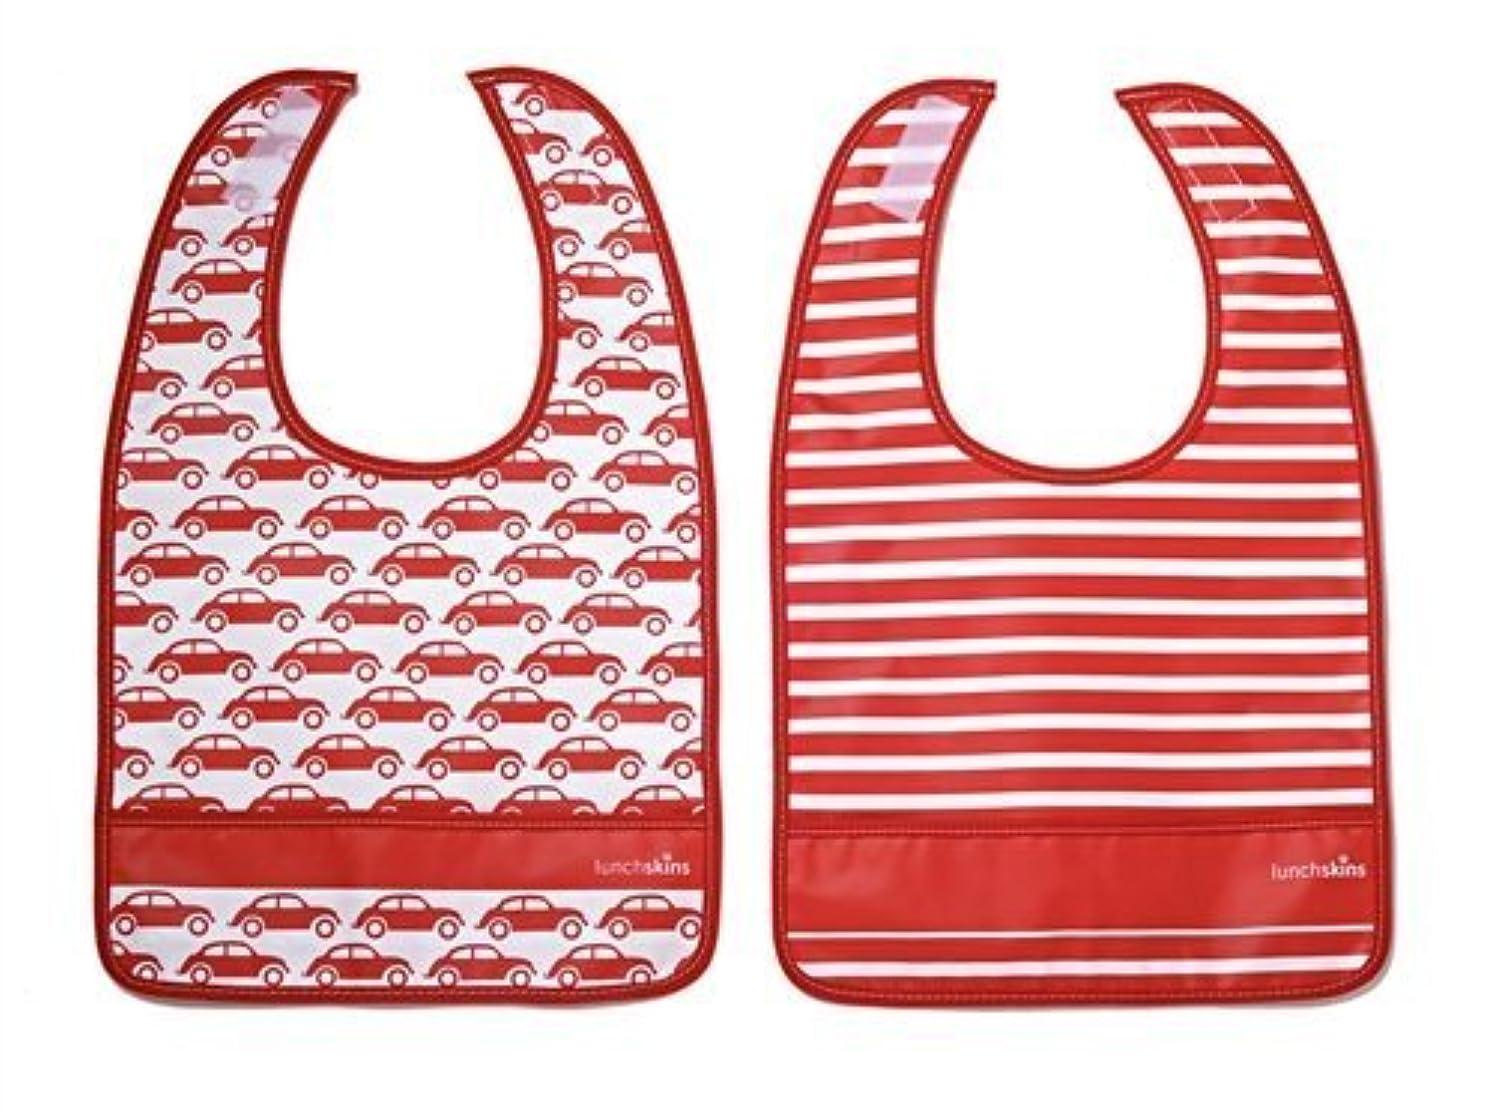 プロフェッショナルのため海嶺Lunchskins Dishwasher Safe Pocket Bib Set (Red Car) by LunchSkins [並行輸入品]